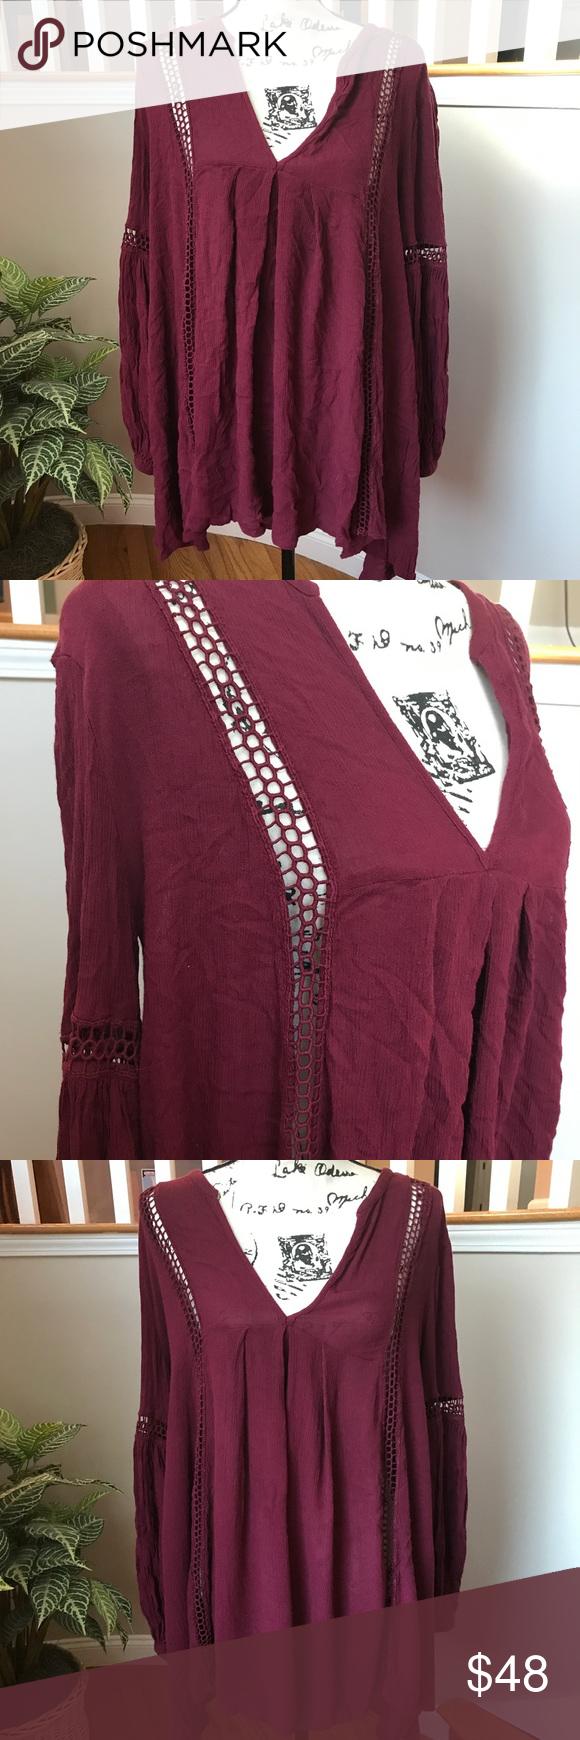 free people crochet lace long sleeve dress crochet lace free